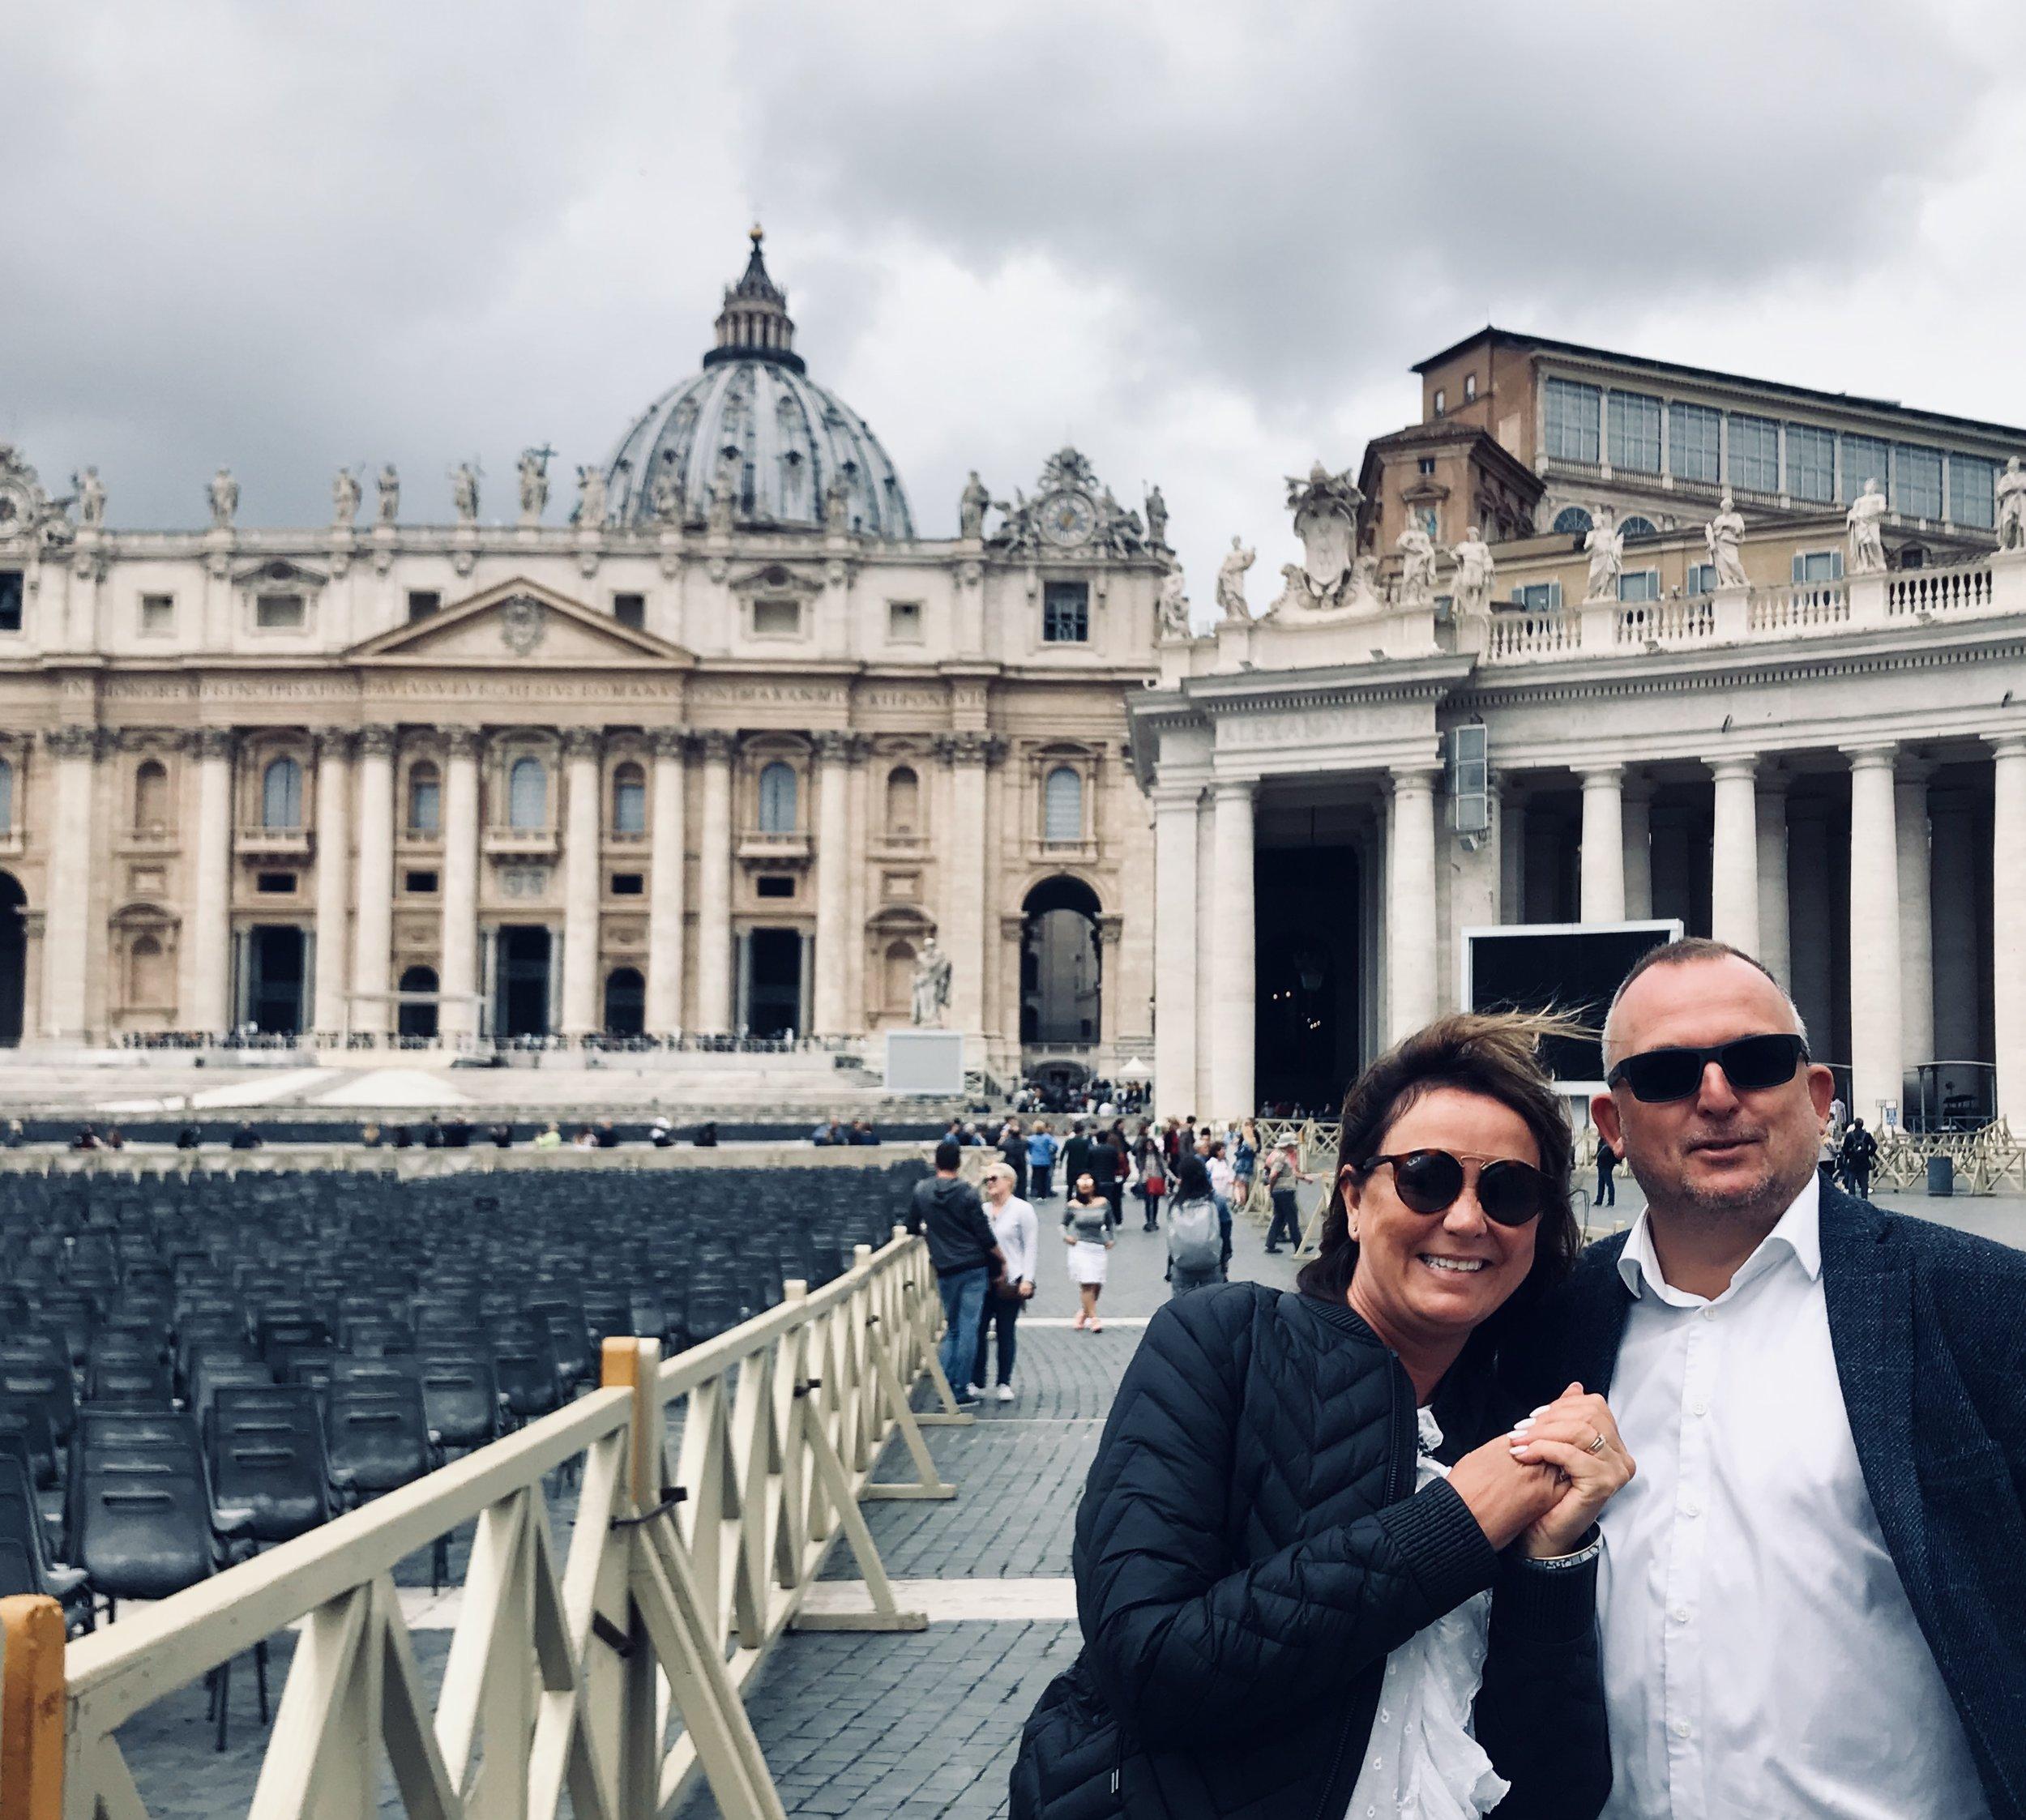 På Petersplassen foren Vatikanet sammen med kjæreste-mannen.